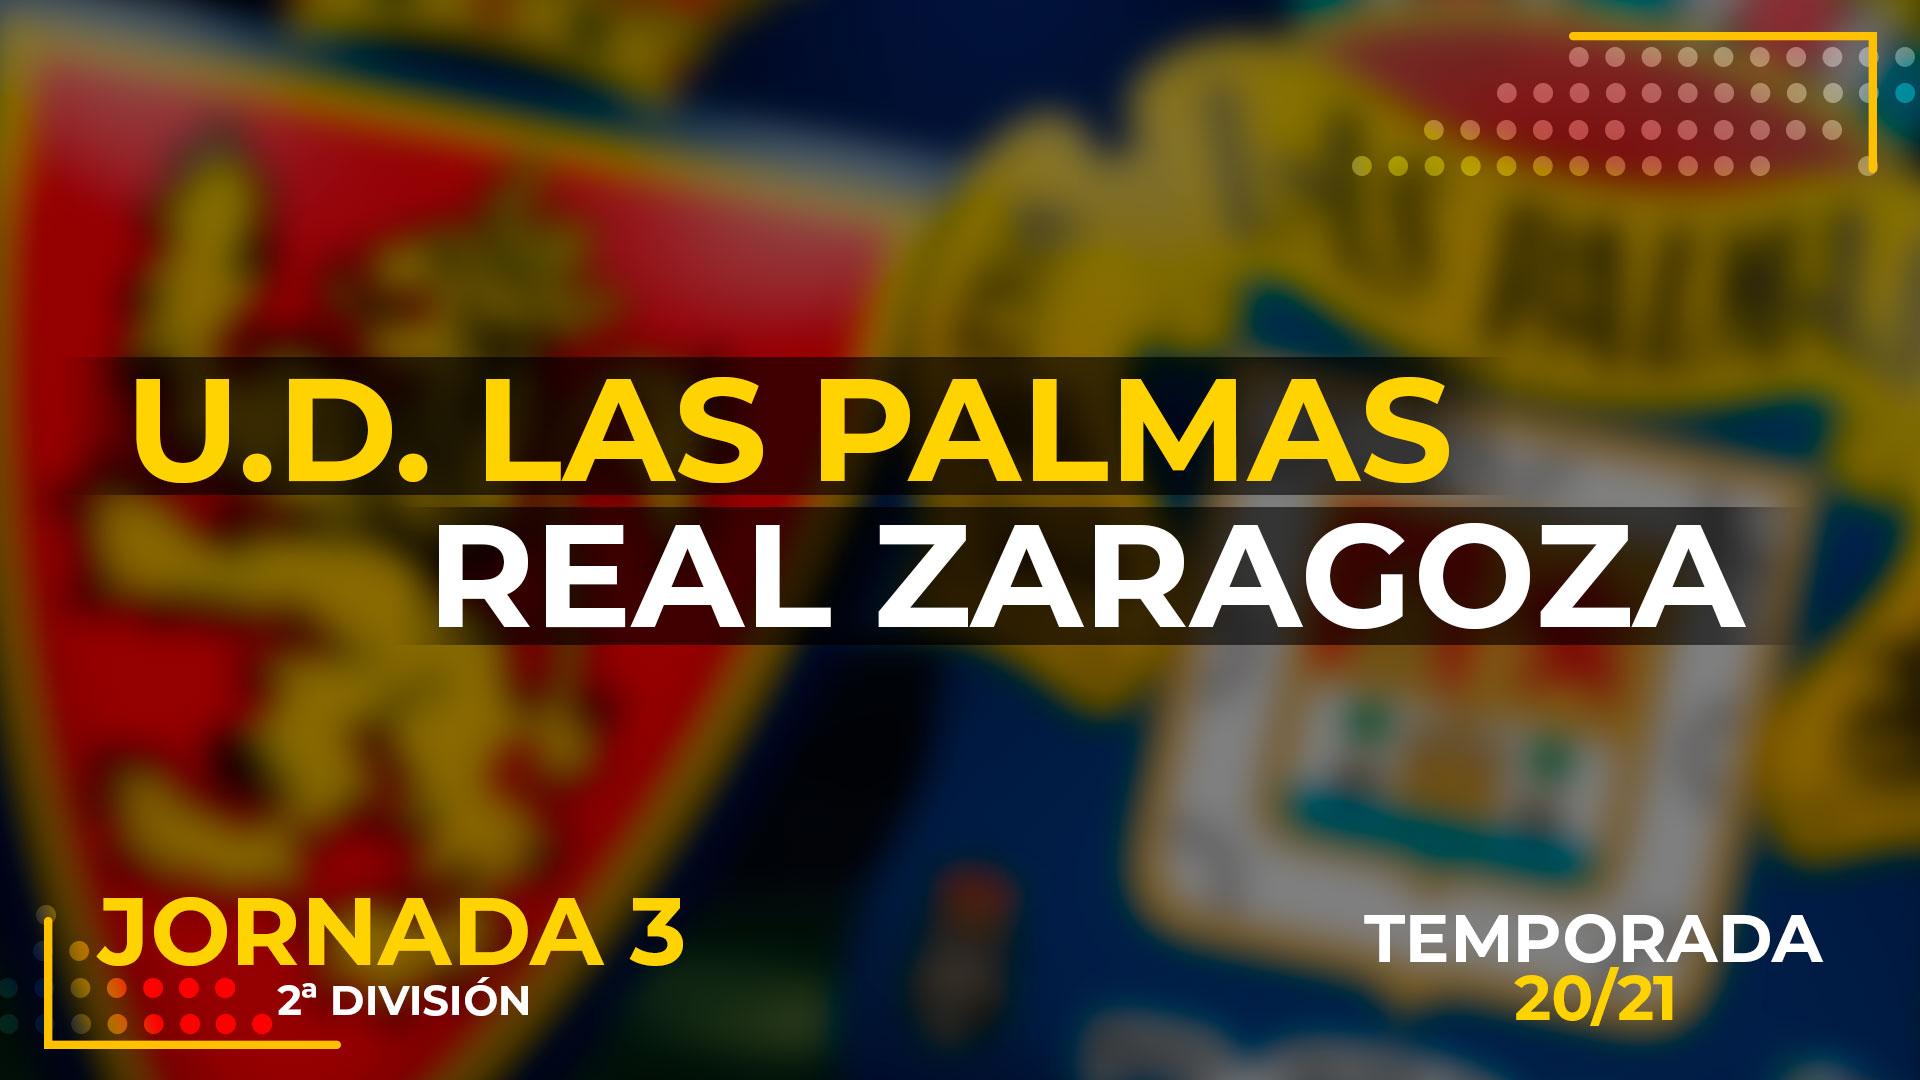 Zaragoza vs UD Las Palmas